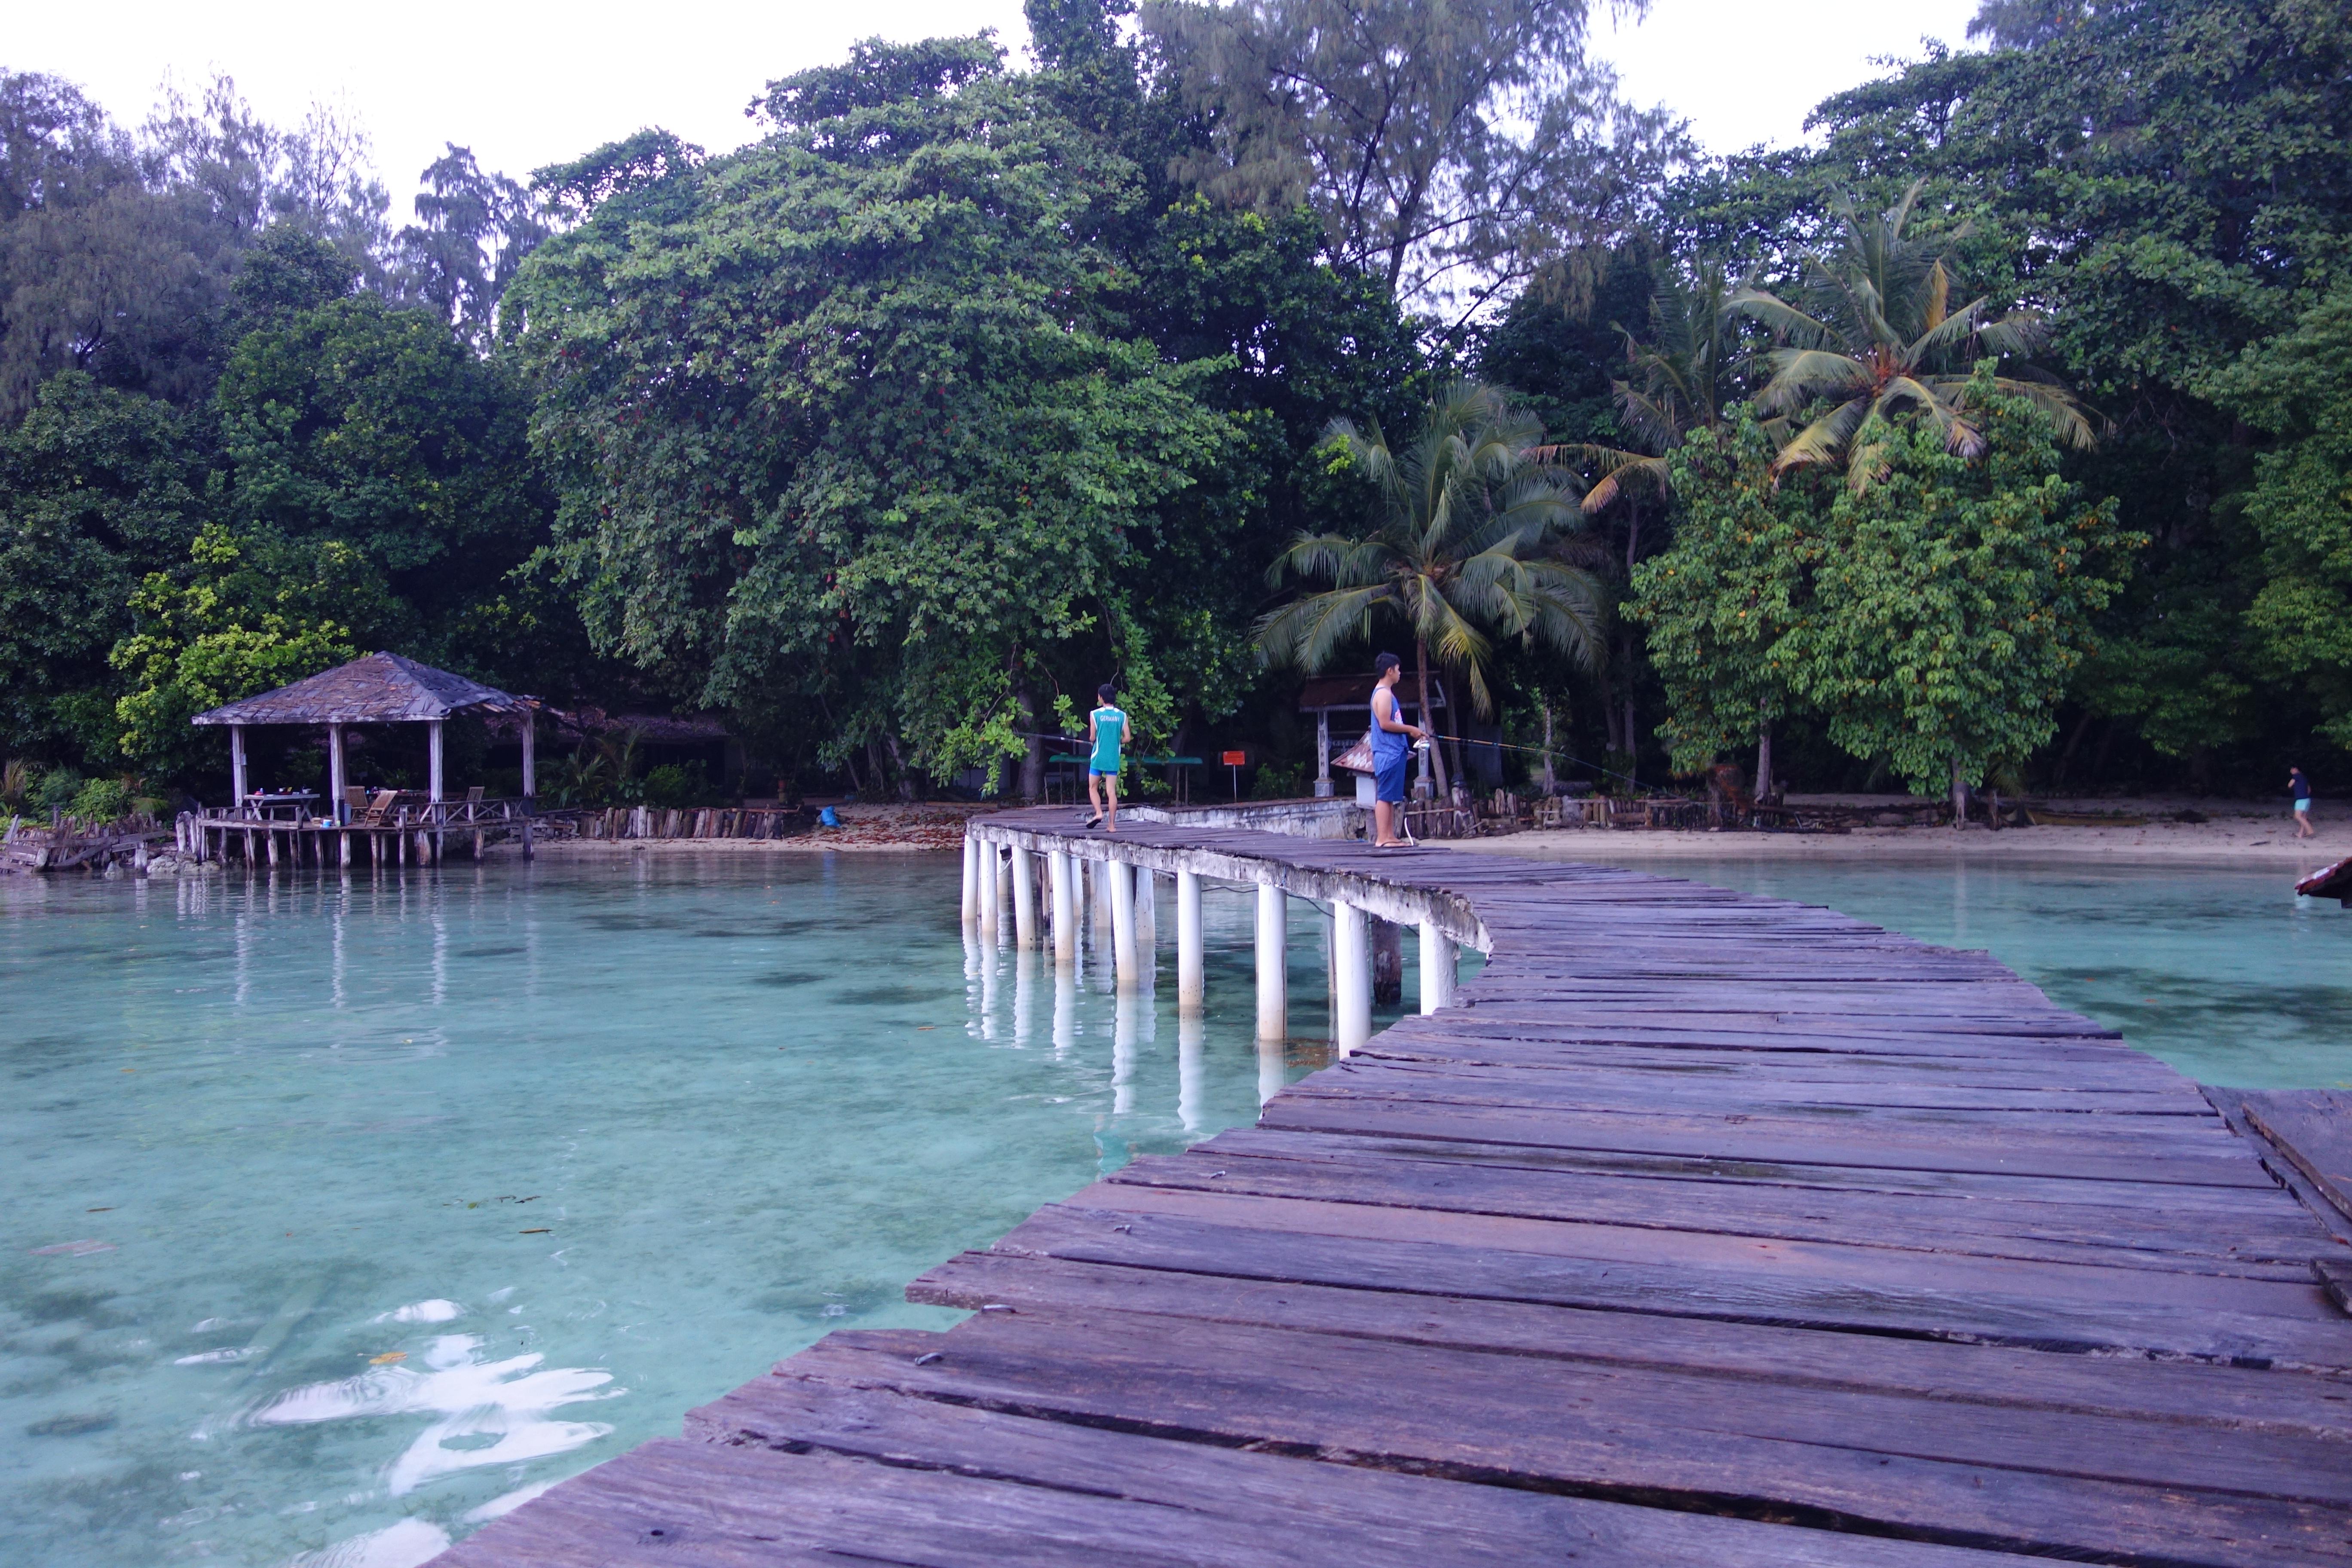 Keliling Pulau Seribu Kotok Yasinyusuf Pusat Administrasi Pemerintahan Kabupaten Administratif